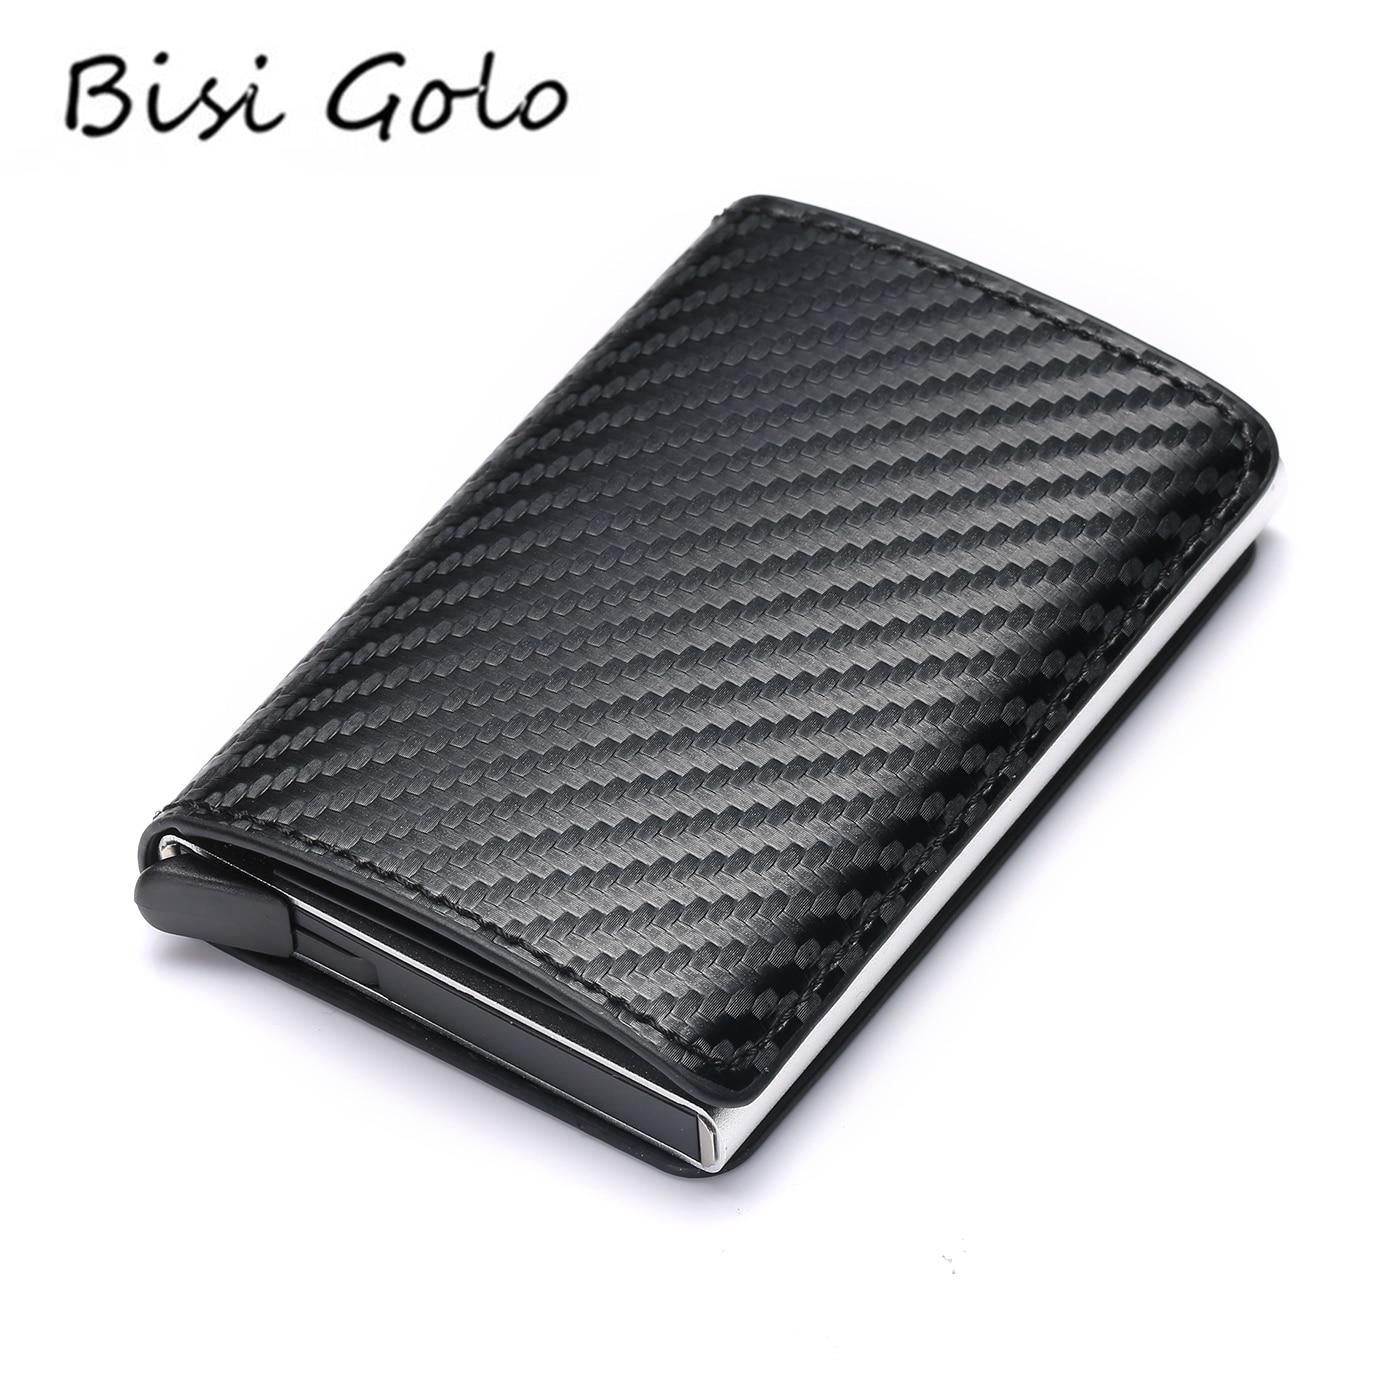 BISI GORO 2019 Fashion Credit Card Holder Carbon Fiber Card Holder Aluminum Slim Short Card Holder RFID Blocking Card Wallet